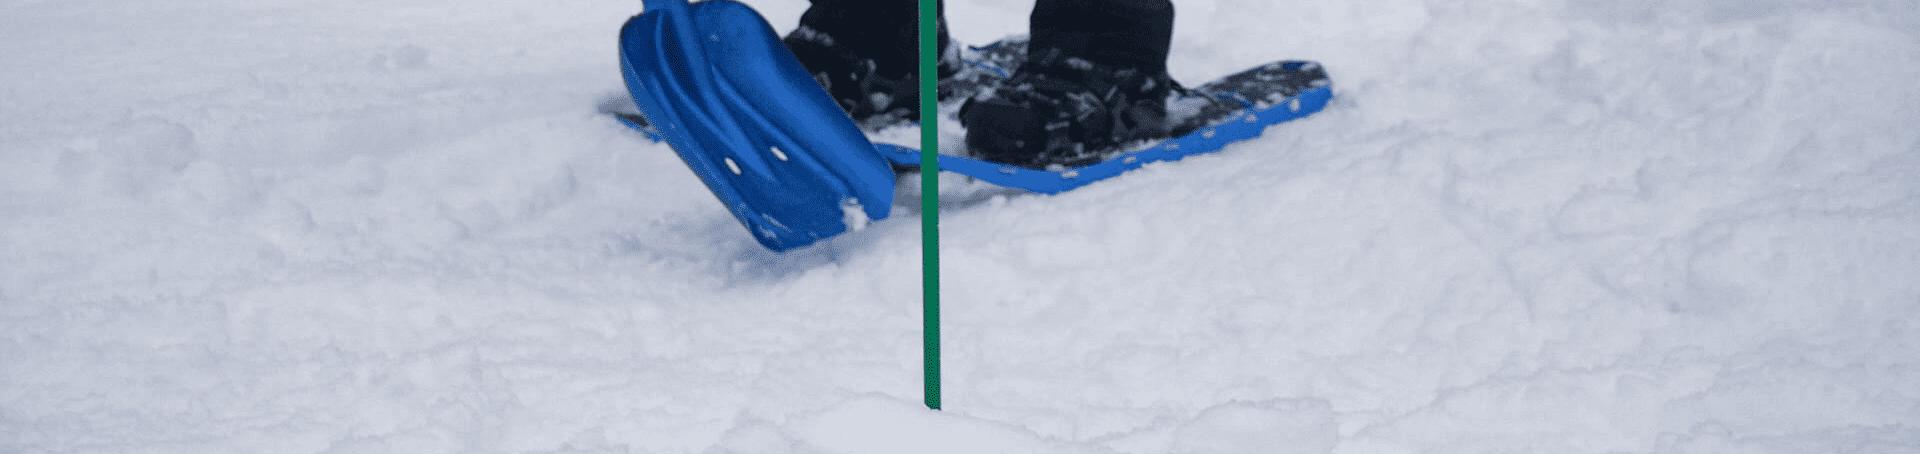 Training einer Lawinbergung mit einer Schneesonde und Schaufel